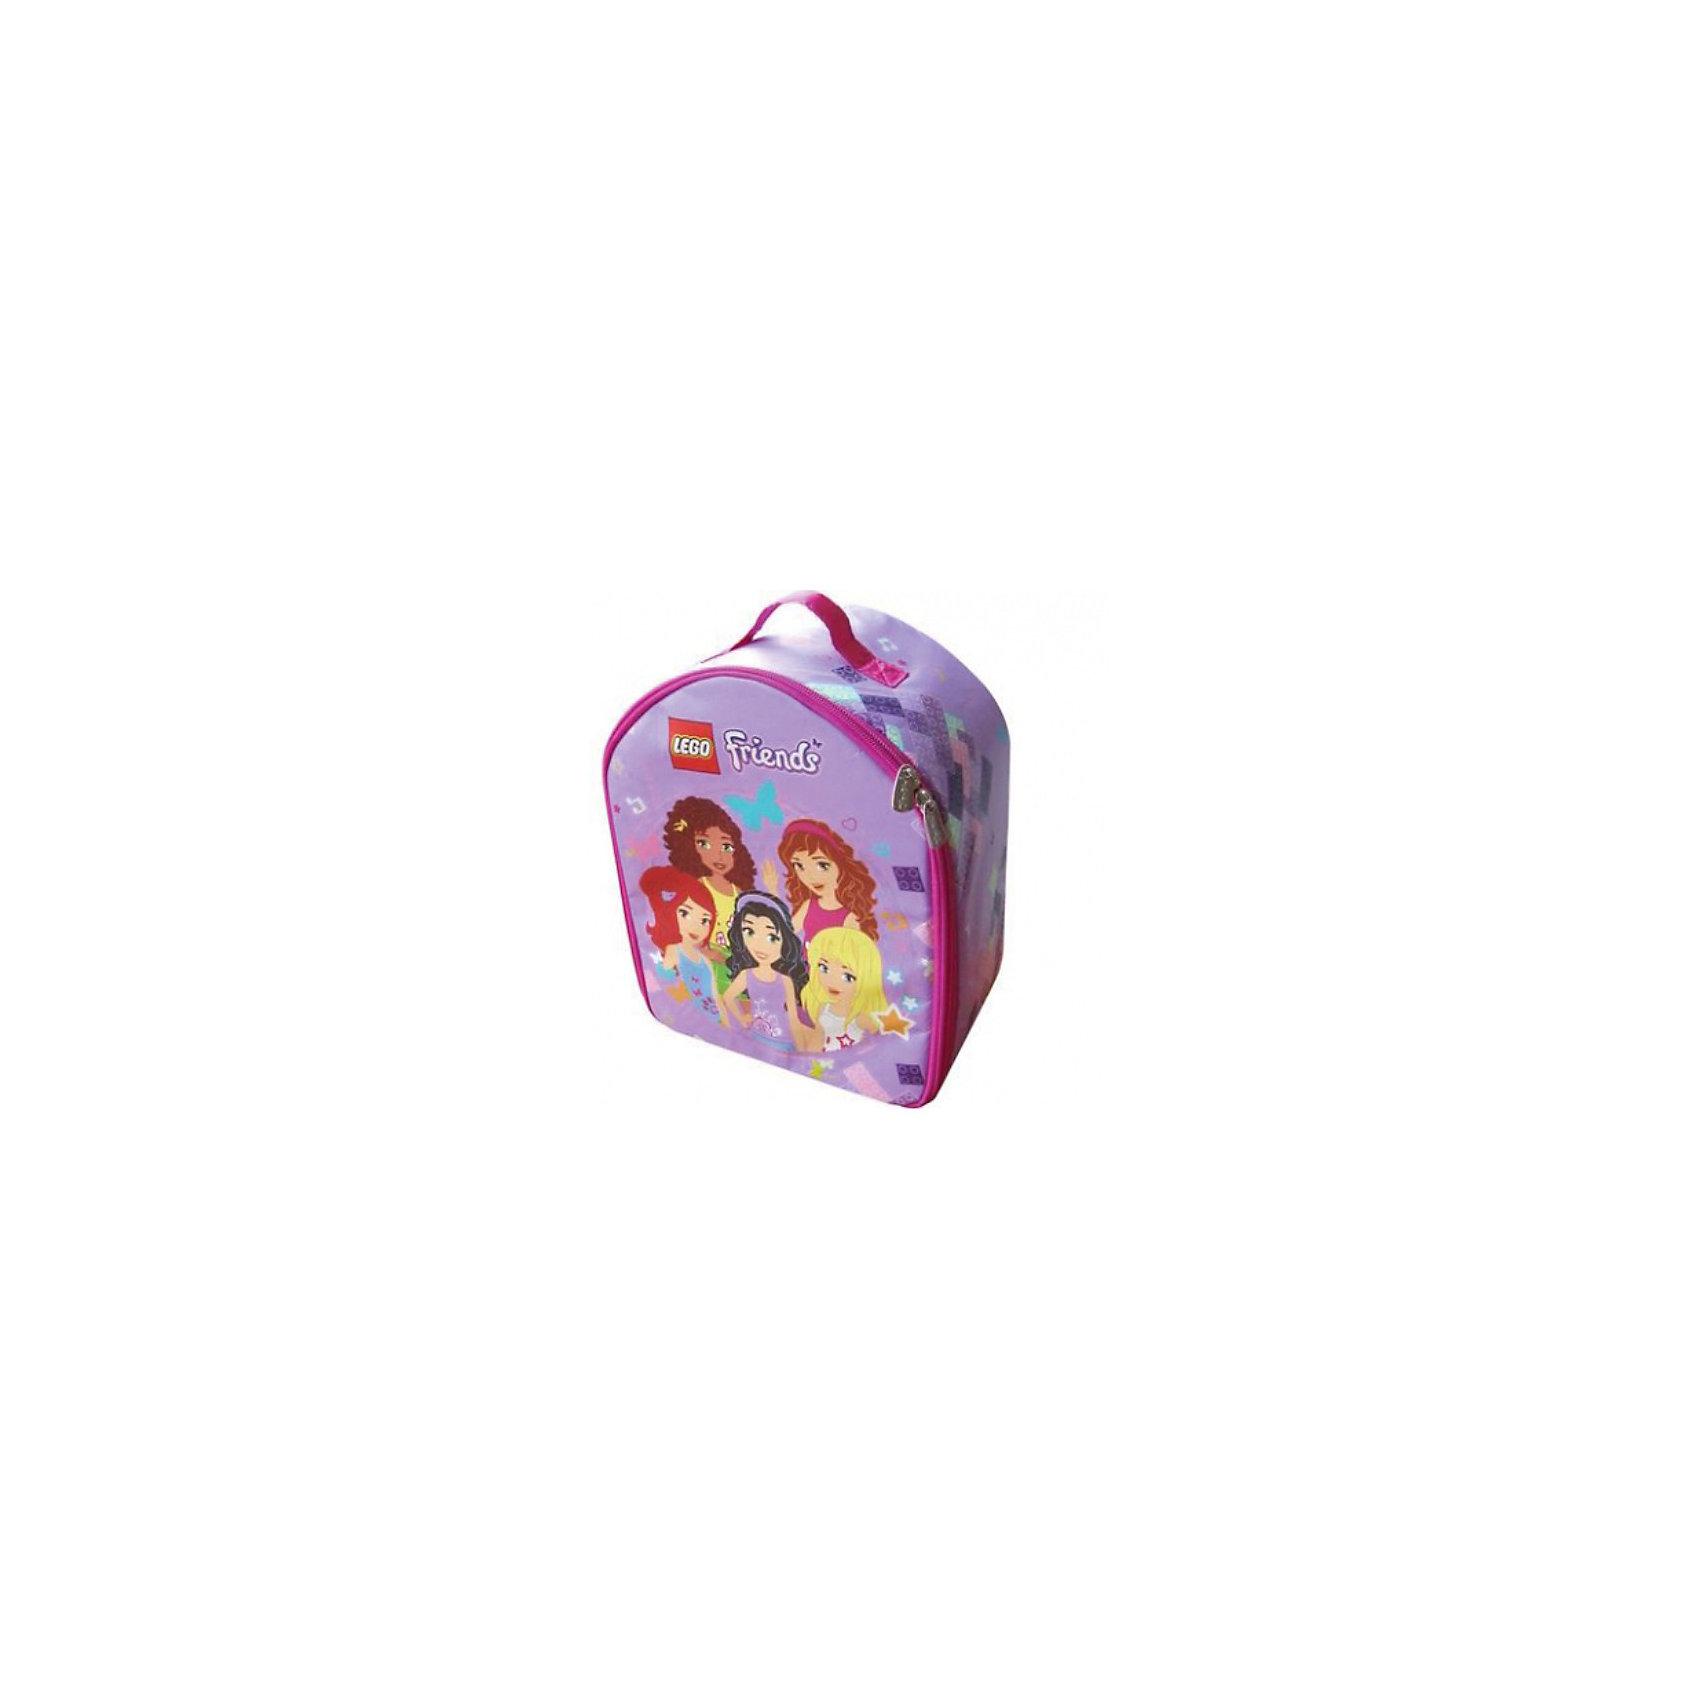 Сумка-коврик, LEGO FriendsСумка-коврик, LEGO Friends (ЛЕГО Френдс) – это удобная сумка для игрушек с возможностью трансформирования в игровой коврик.<br>Только гениальные подружки из серии Lego Friends могли придумать такую удобную и стильную вещицу, как сумка-коврик. Теперь ты сможешь отправиться вместе с подружками куда угодно – в путешествие, на природу, в гости. Сумка довольно вместительная, поэтому ее можно наполнить большим количеством игрушек. Но, несмотря на превосходную вместительность, выглядит она компактно, и плюс к этому она очень легкая. Нельзя не оценить оригинальную конструкцию сумки-коврика. Чтобы сделать из сумки игровой коврик, не обязательно раскладывать целиком все изделие. Можно превратить в коврик лишь один бок сумки, а детальки при этом будут находиться внутри, и ребенок сможет по несколько штук вытаскивать их. В качестве застежки использована надежная и прочная молния, которая не дает содержимому рассыпаться. Для комфортного перемещения сумки-коврика предусмотрена удобная переносная ручка.<br><br>Дополнительная информация:<br><br>- Размер упаковки: 23 х 29 х 14 см.<br>- Вес: 250 г.<br><br>Сумку-коврик, LEGO Friends (ЛЕГО Френдс) можно купить в нашем интернет-магазине.<br><br>Ширина мм: 220<br>Глубина мм: 280<br>Высота мм: 140<br>Вес г: 250<br>Возраст от месяцев: 36<br>Возраст до месяцев: 120<br>Пол: Женский<br>Возраст: Детский<br>SKU: 3667818